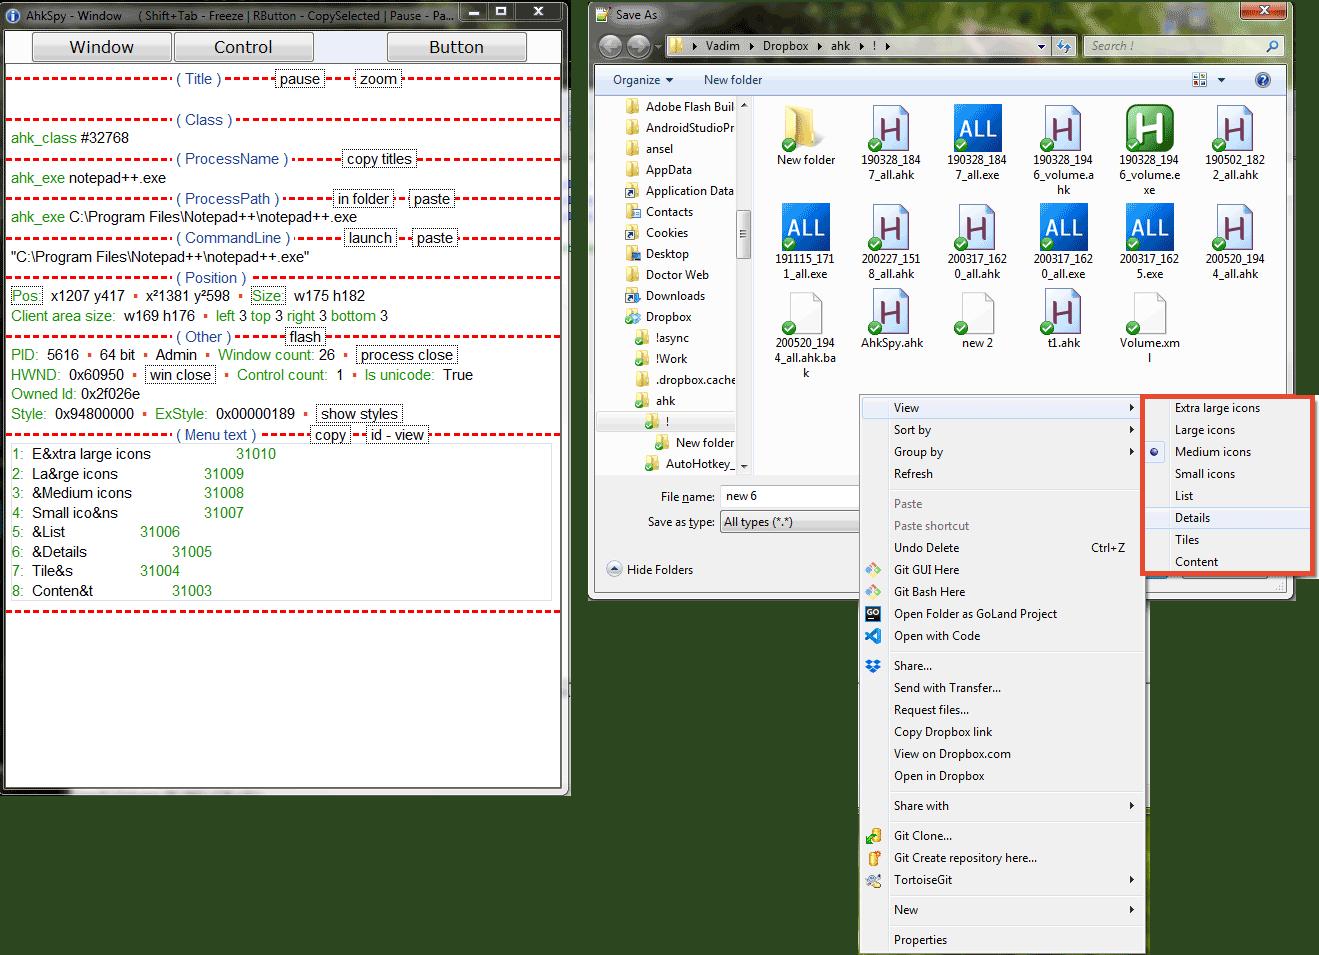 https://habrastorage.org/webt/vx/pg/kg/vxpgkgn27duij6ncpsvce6ilu04.png